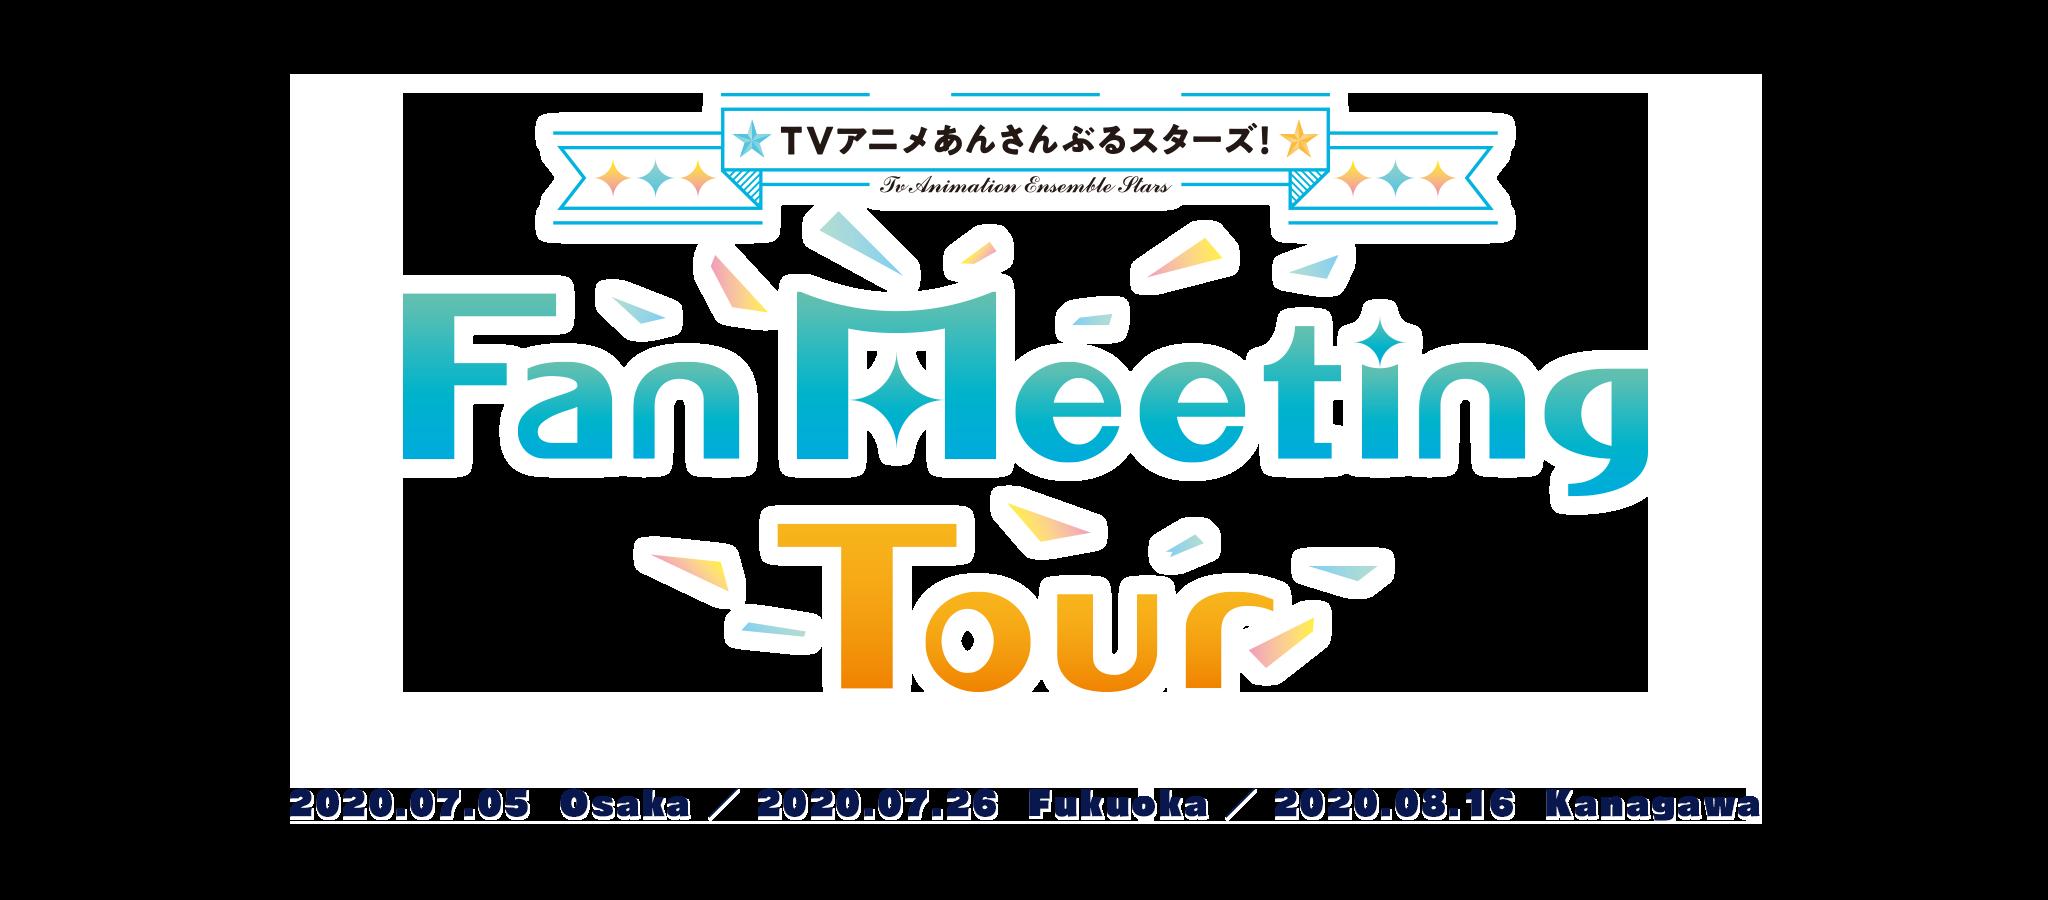 TVアニメ「あんさんぶるスターズ!」Fan Meeting Tour